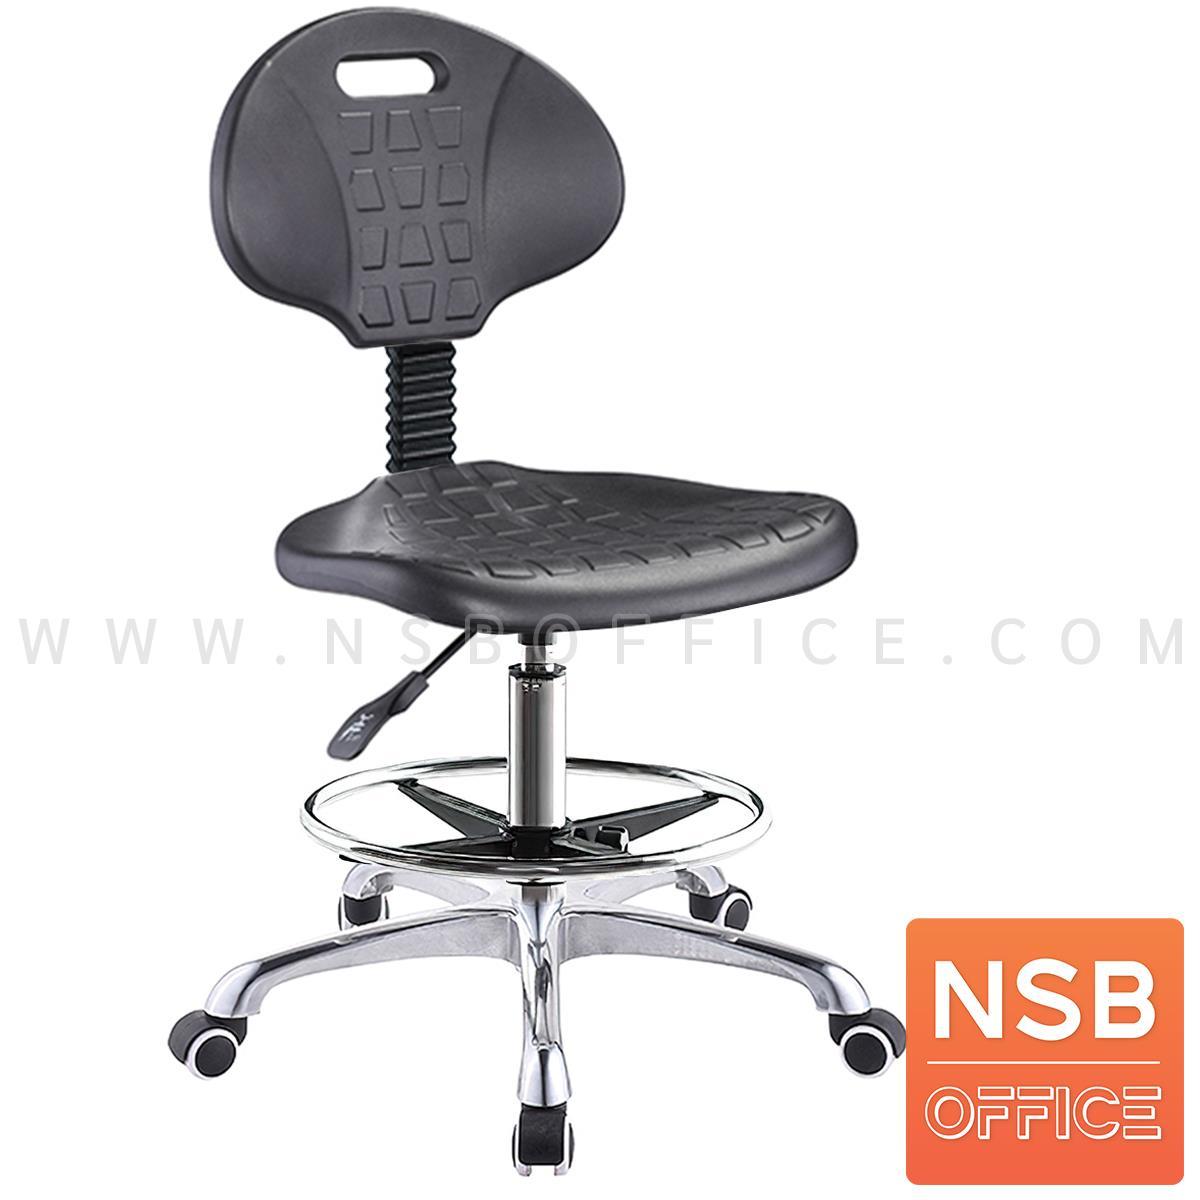 B02A110:เก้าอี้บาร์ที่ห้องแล็บ พนักพิงที่นั่ง PU  รุ่น solder (โซลเดอร์)  มีวงเหยียบ โช็คแก๊ส ขาอลูมิเนียม